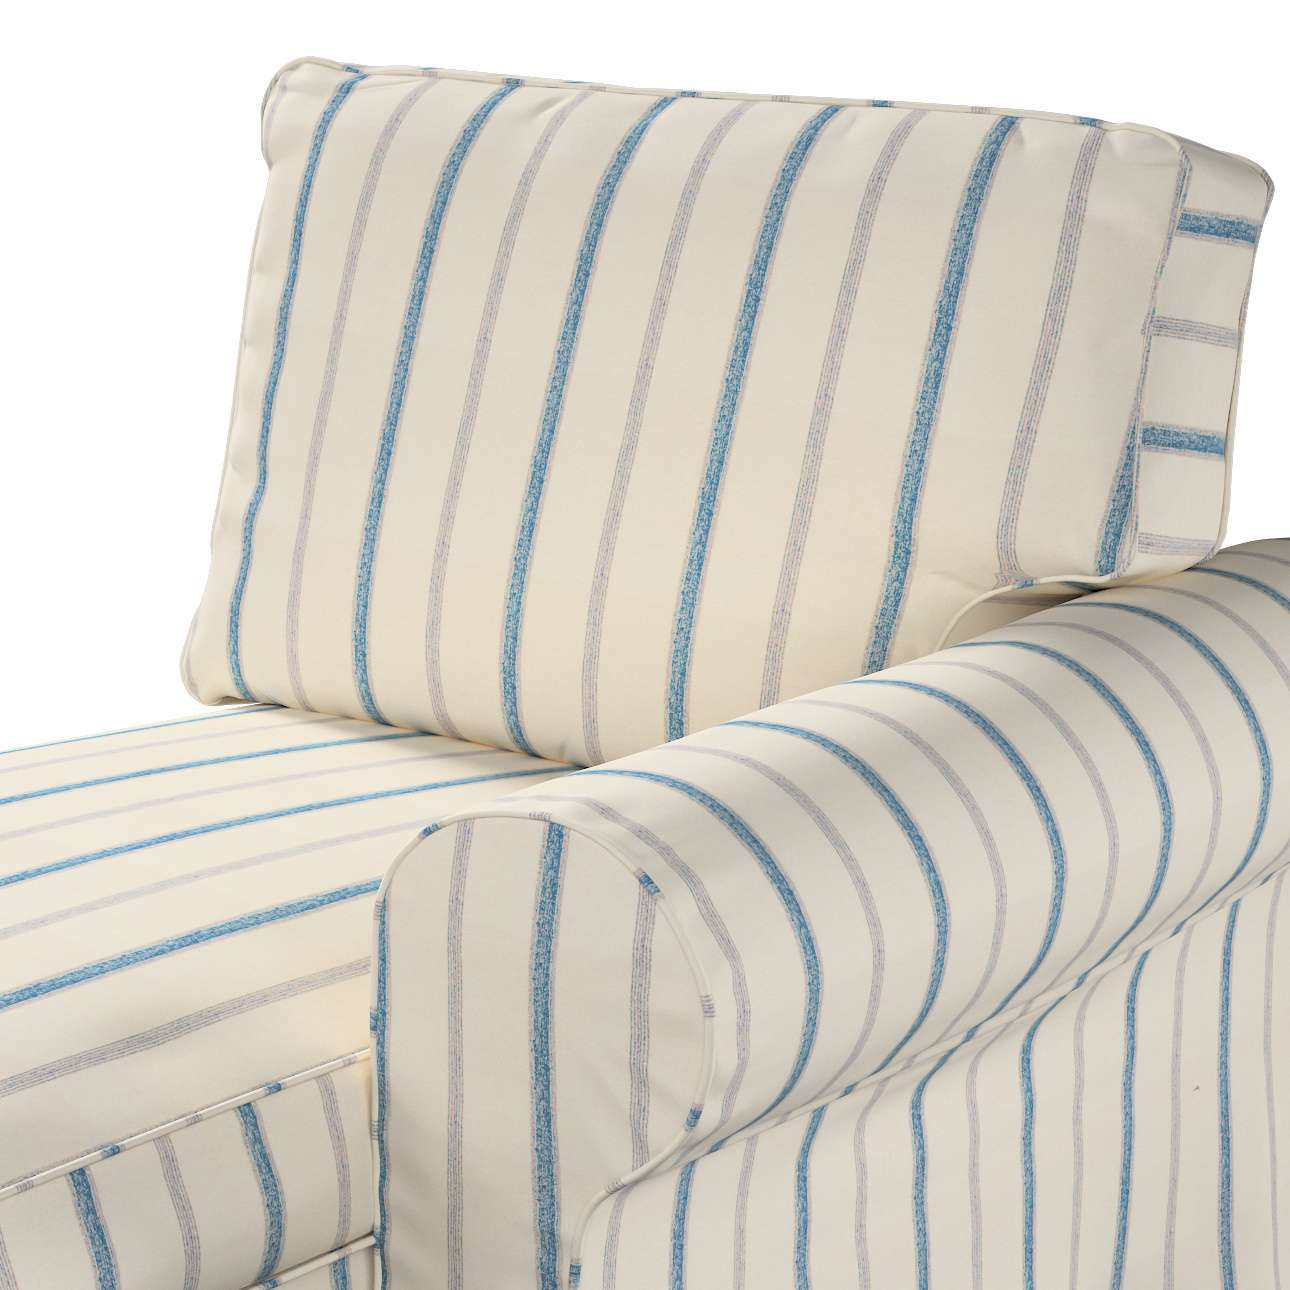 Pokrowiec na szezlong Ektorp prawy w kolekcji Avinon, tkanina: 129-66